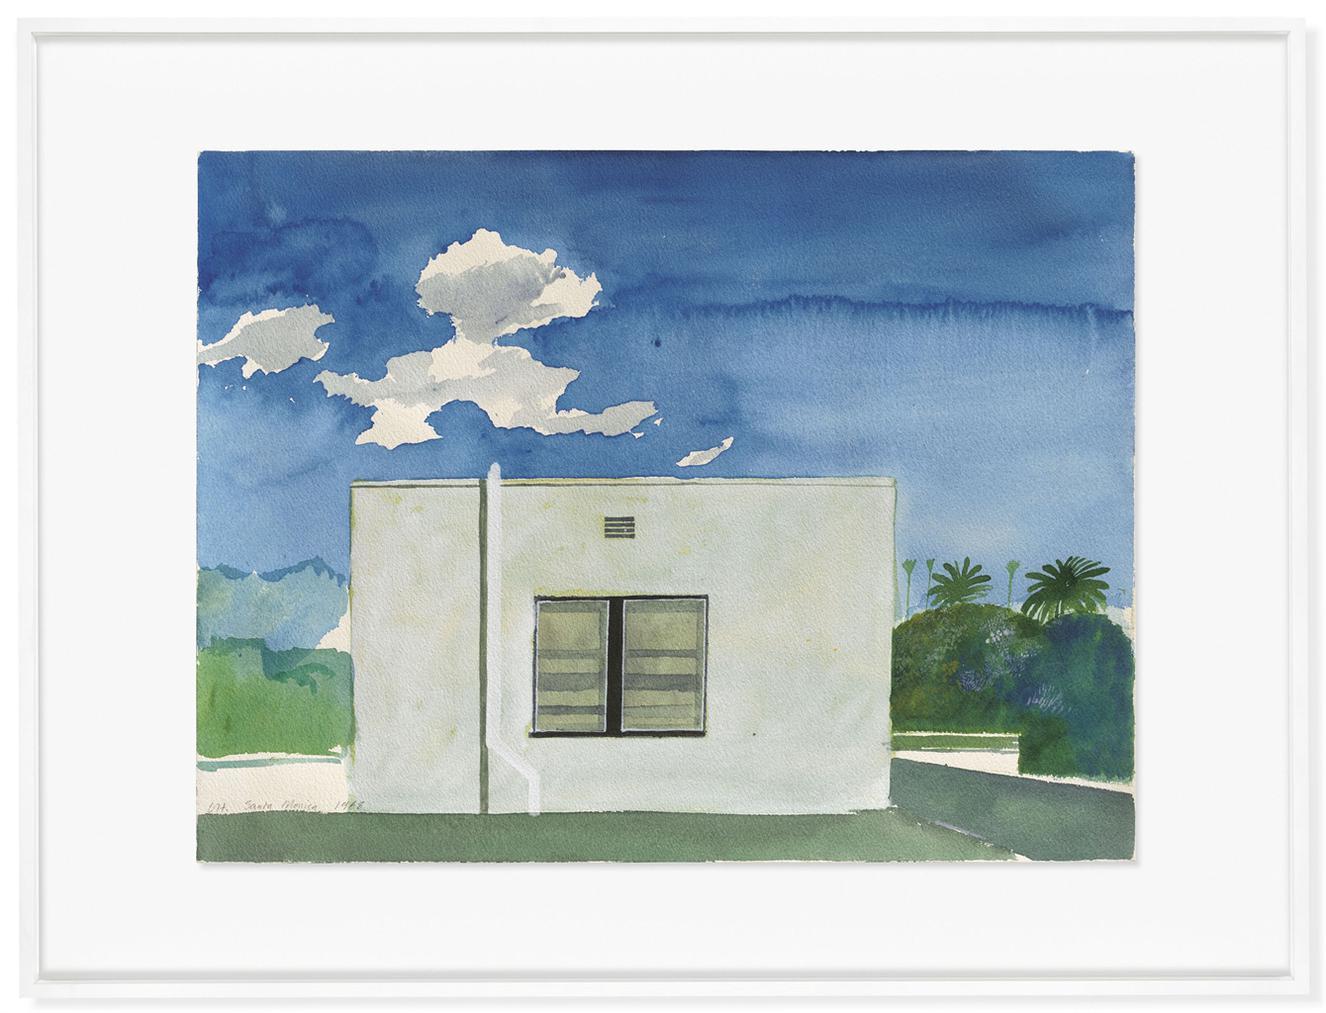 David Hockney-Santa Monica-1968